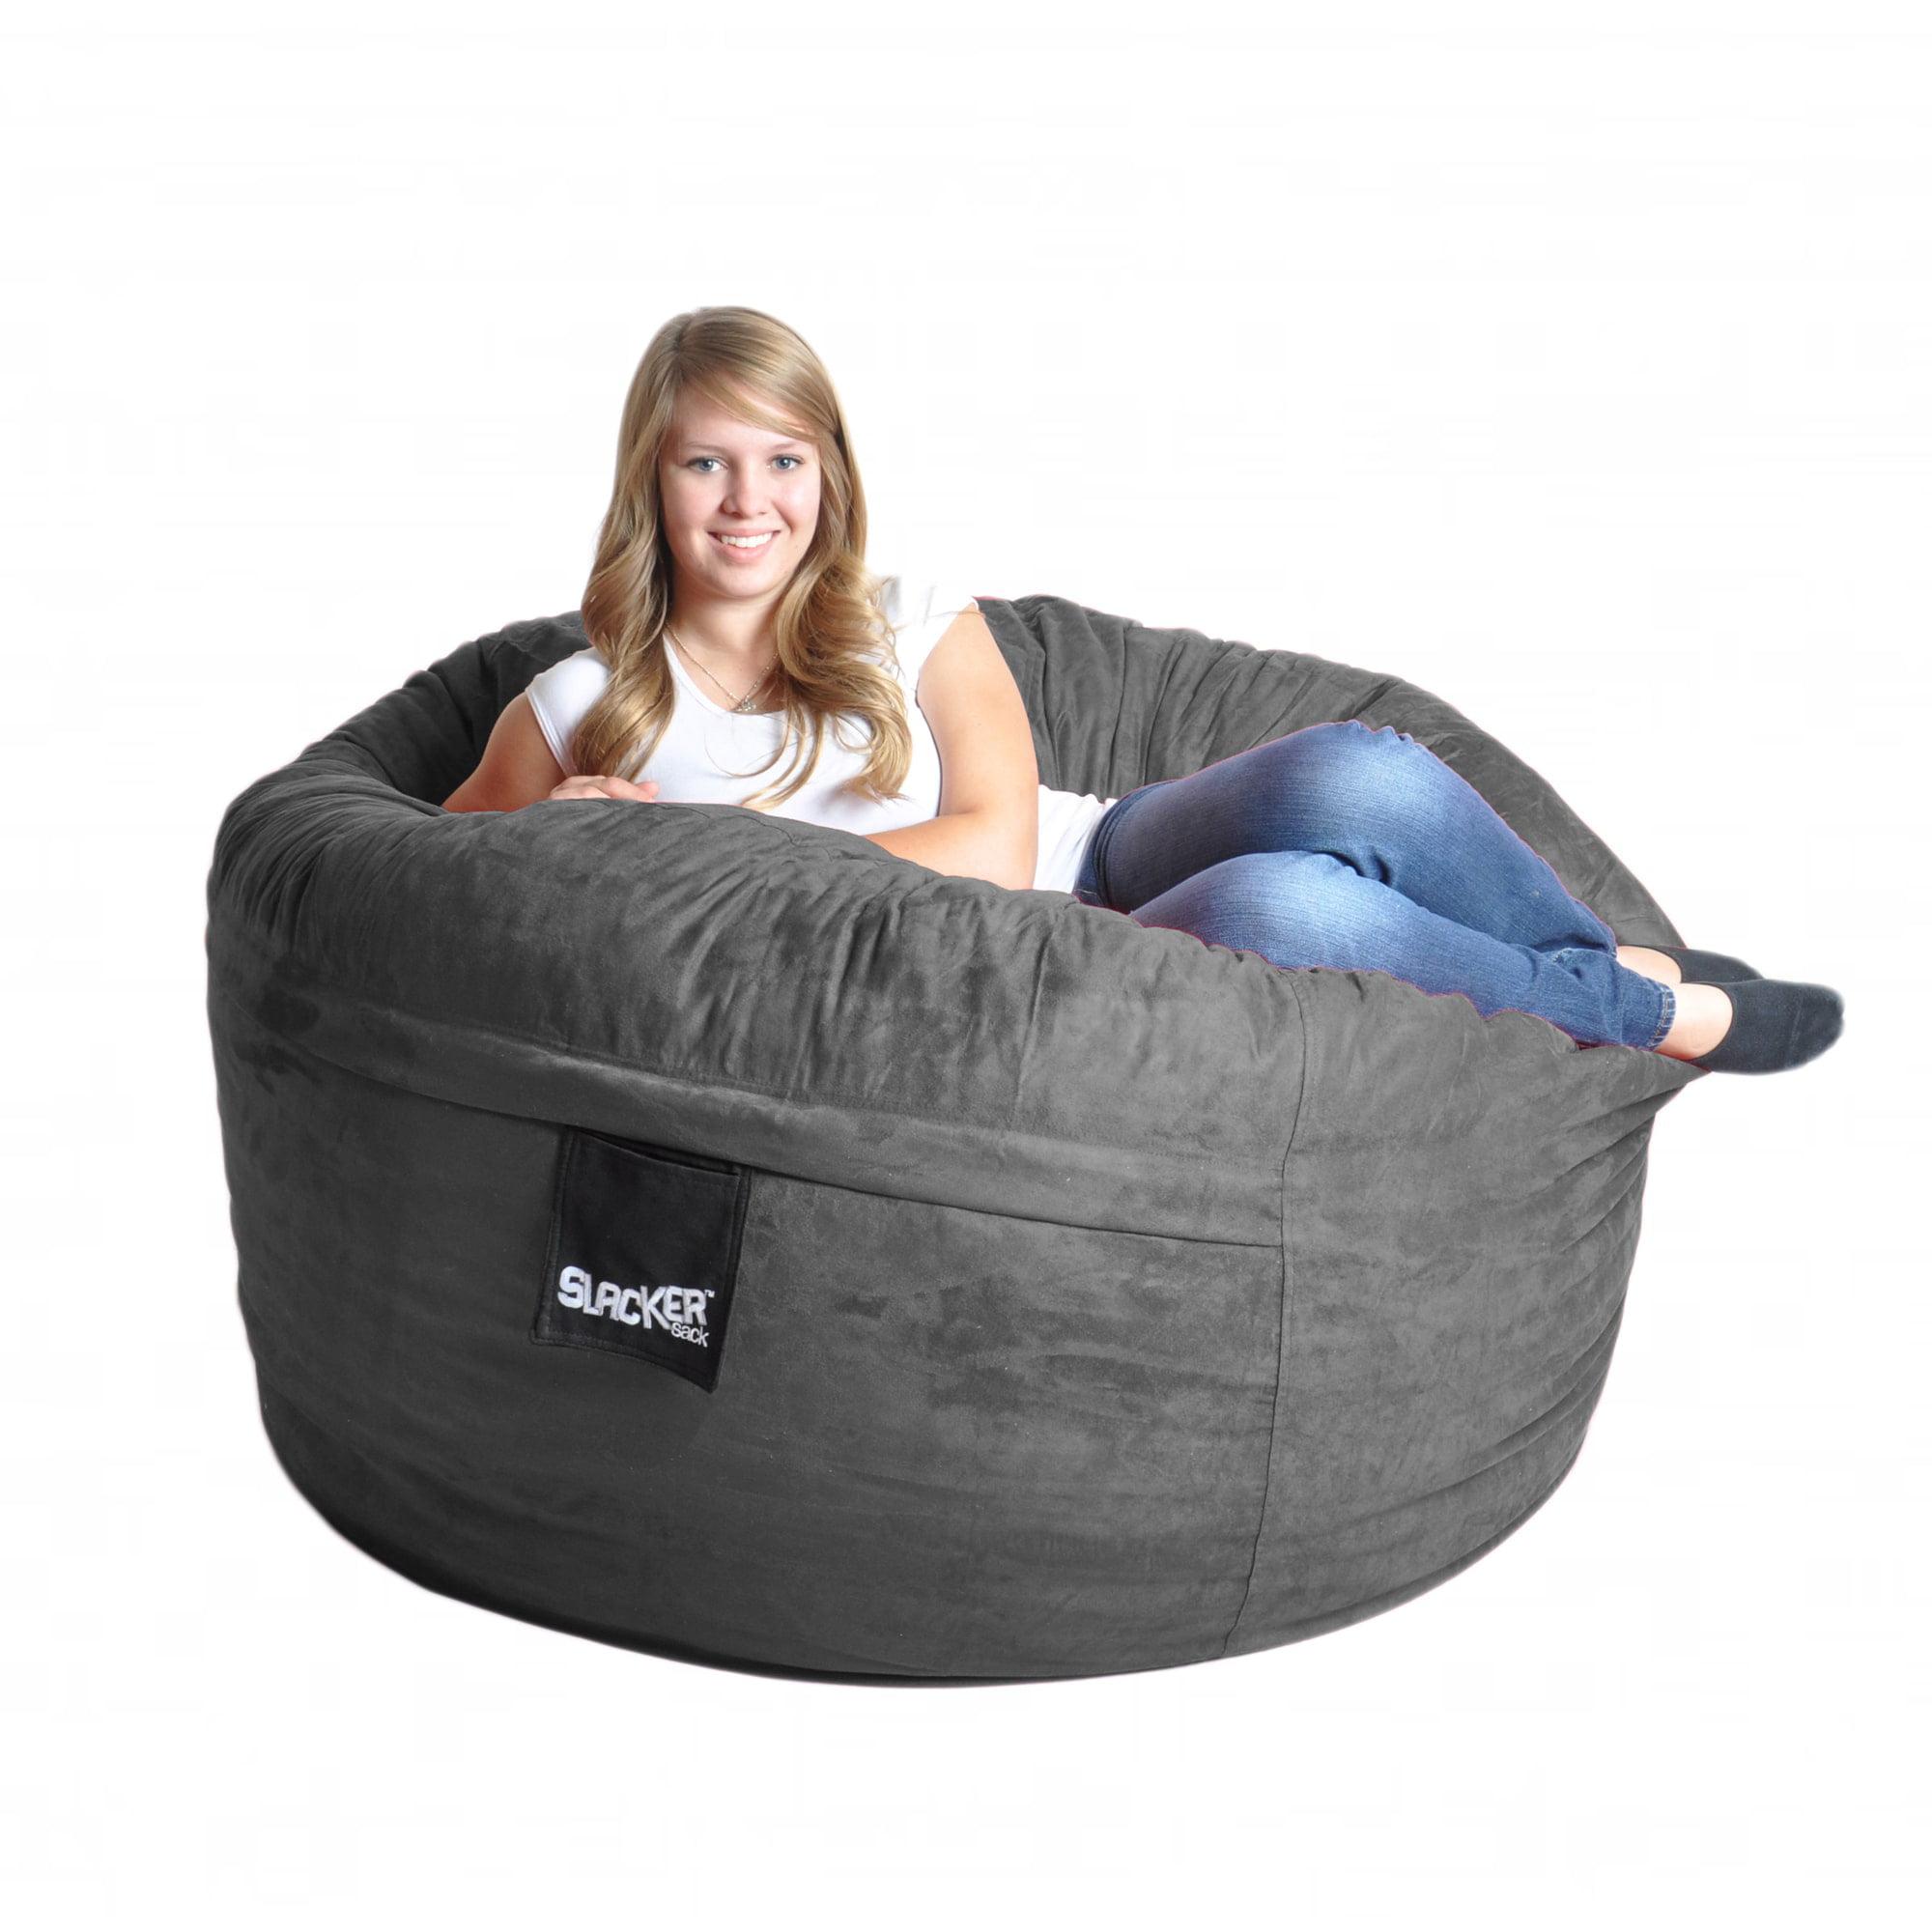 Slacker Sack Charcoal Grey 5-foot Microfiber and Memory Foam Bean Bag